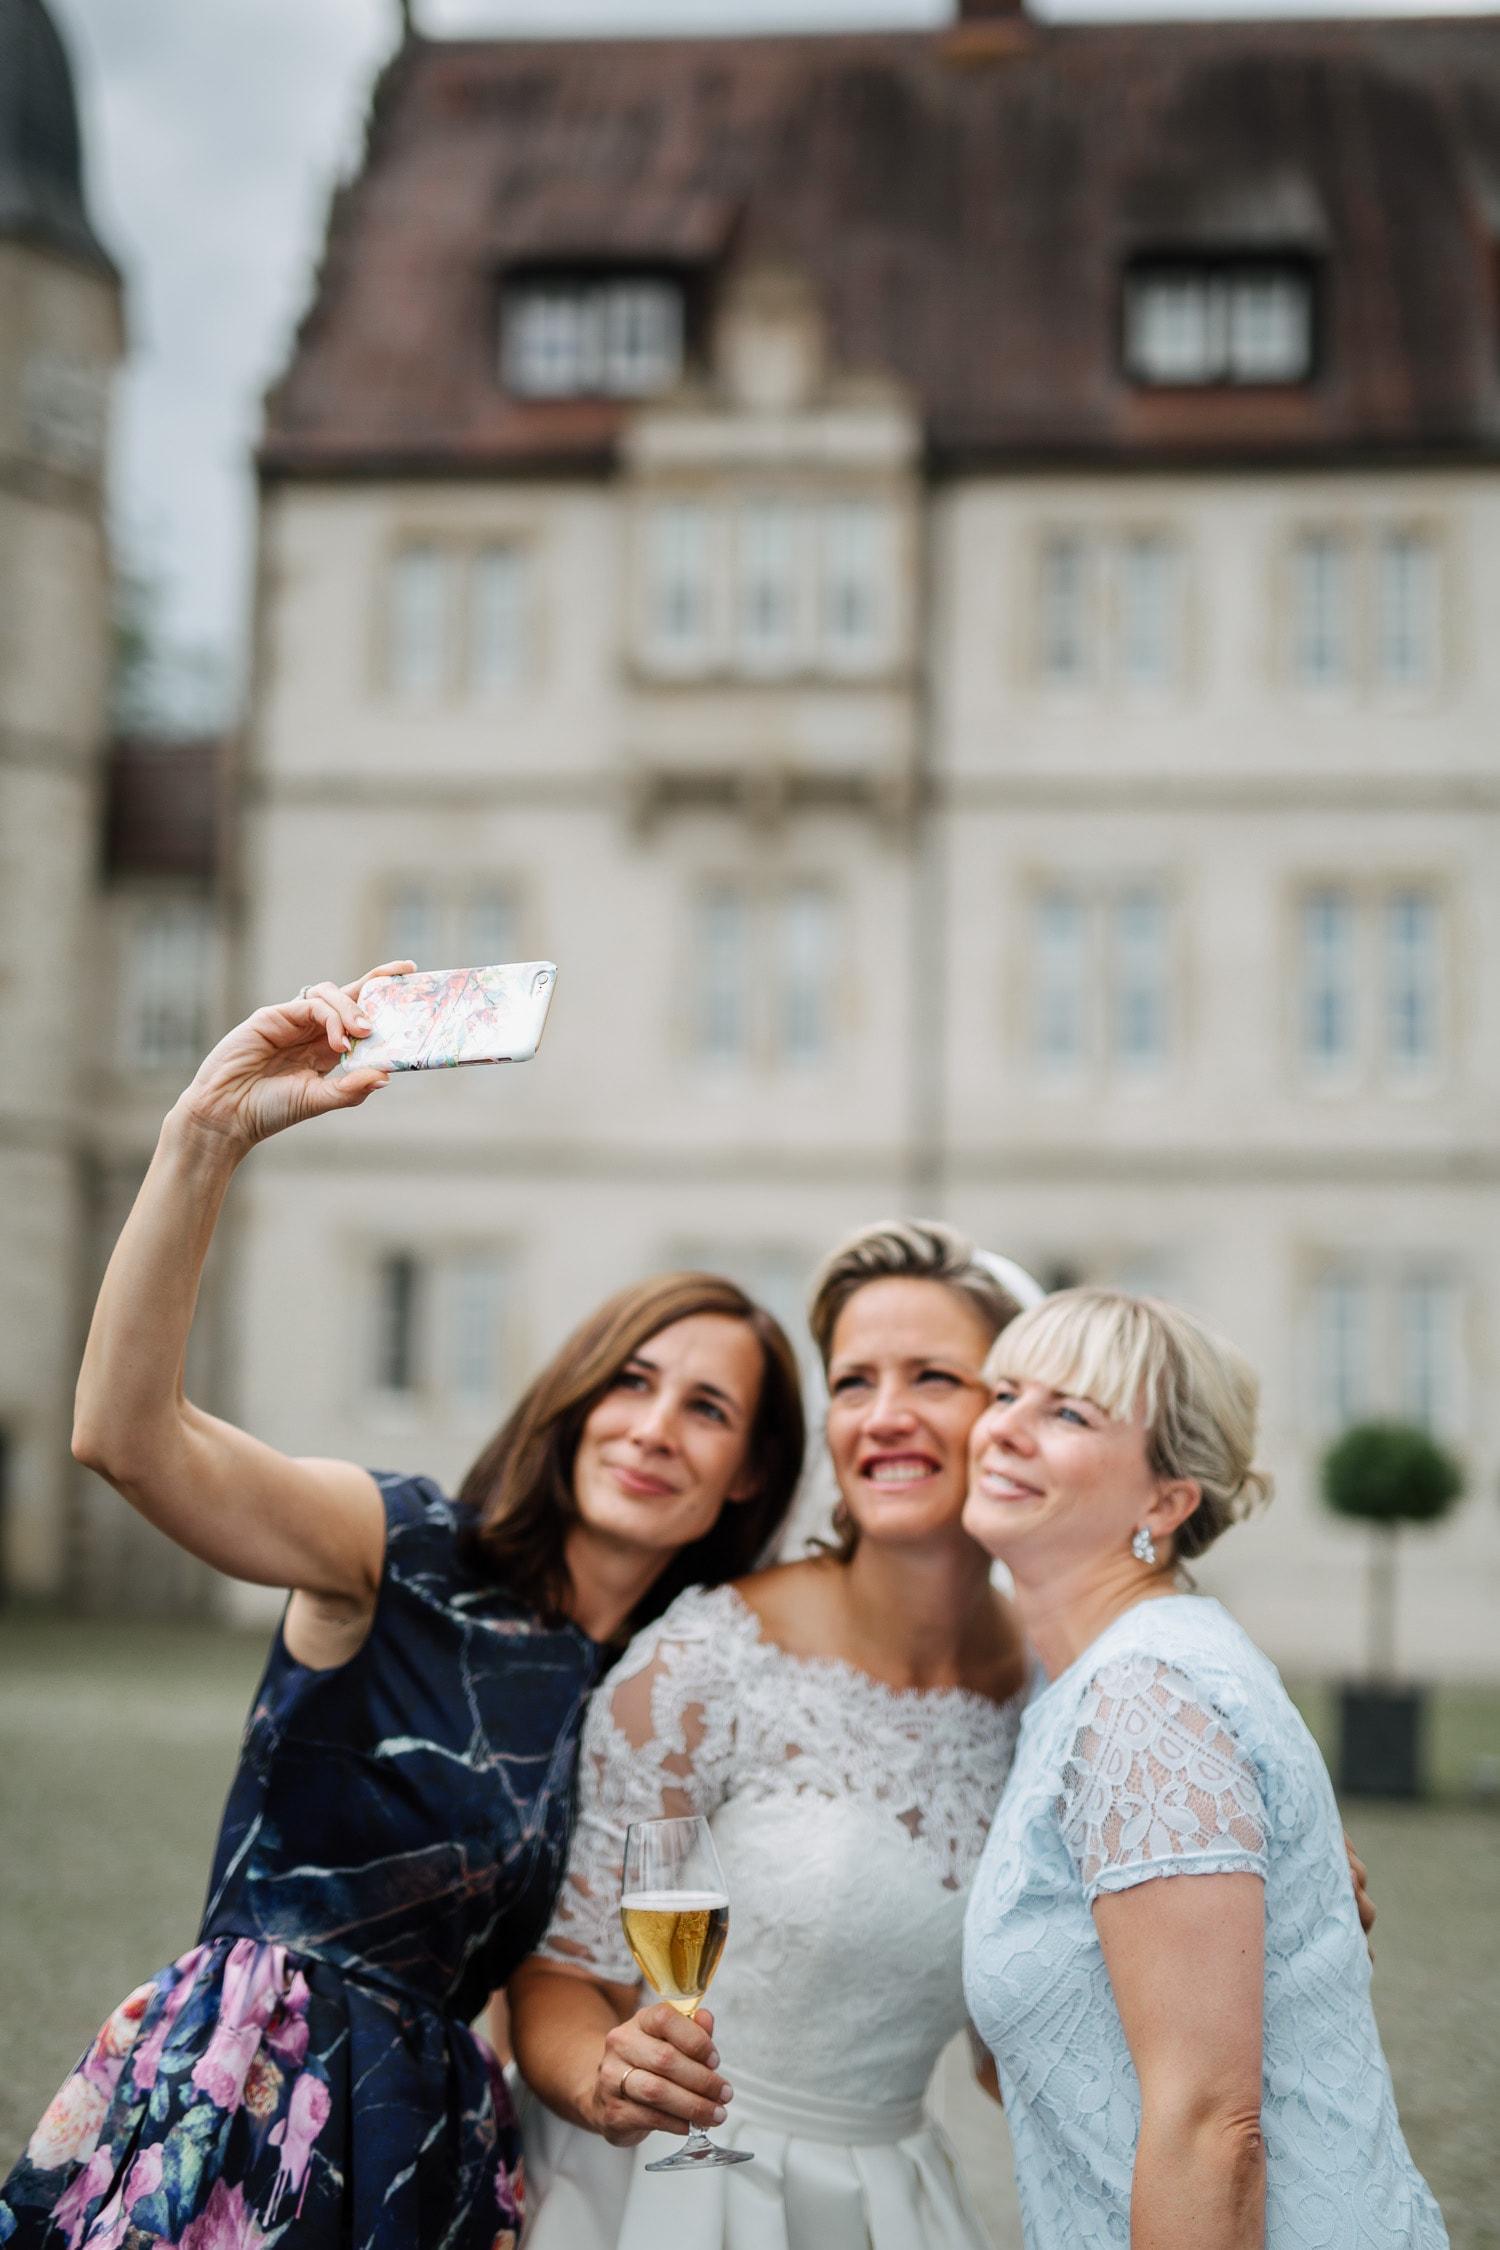 Julia-Benno-Hochzeitsreportage-81a Märchen-Hochzeit auf Schloss Schwöbber Hochzeitreportage